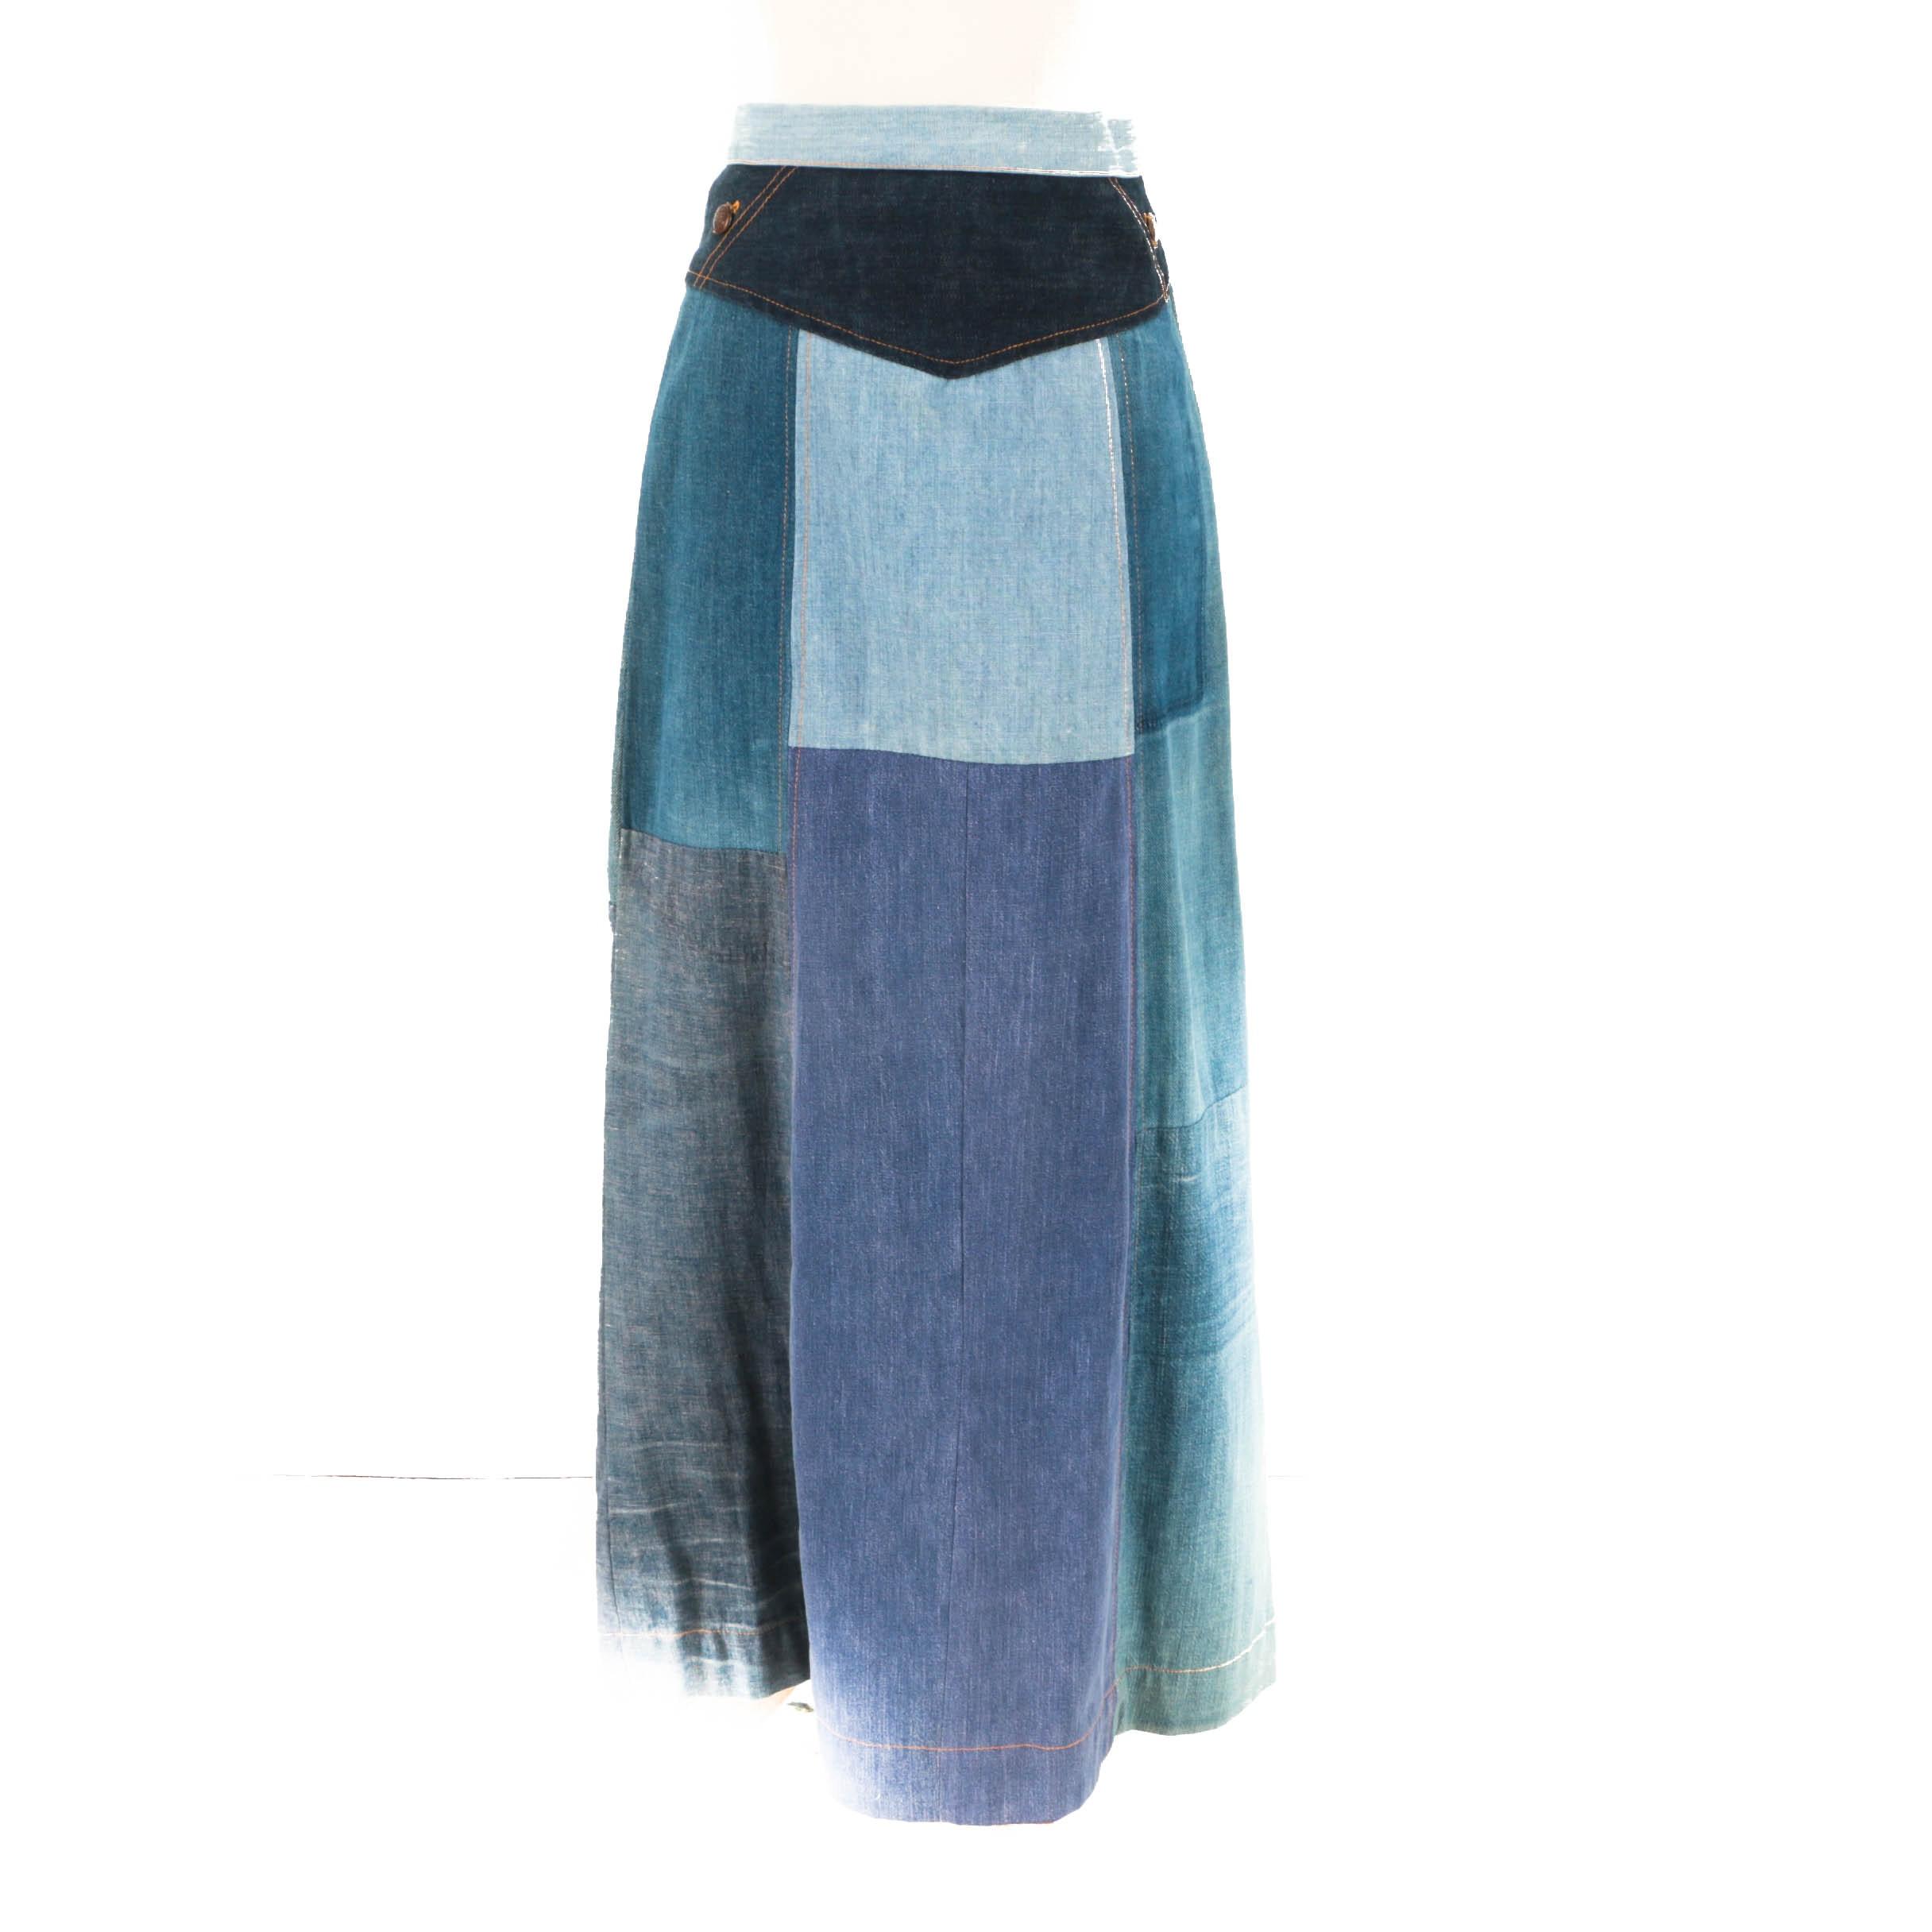 1970s Vintage Patchwork Denim Skirt